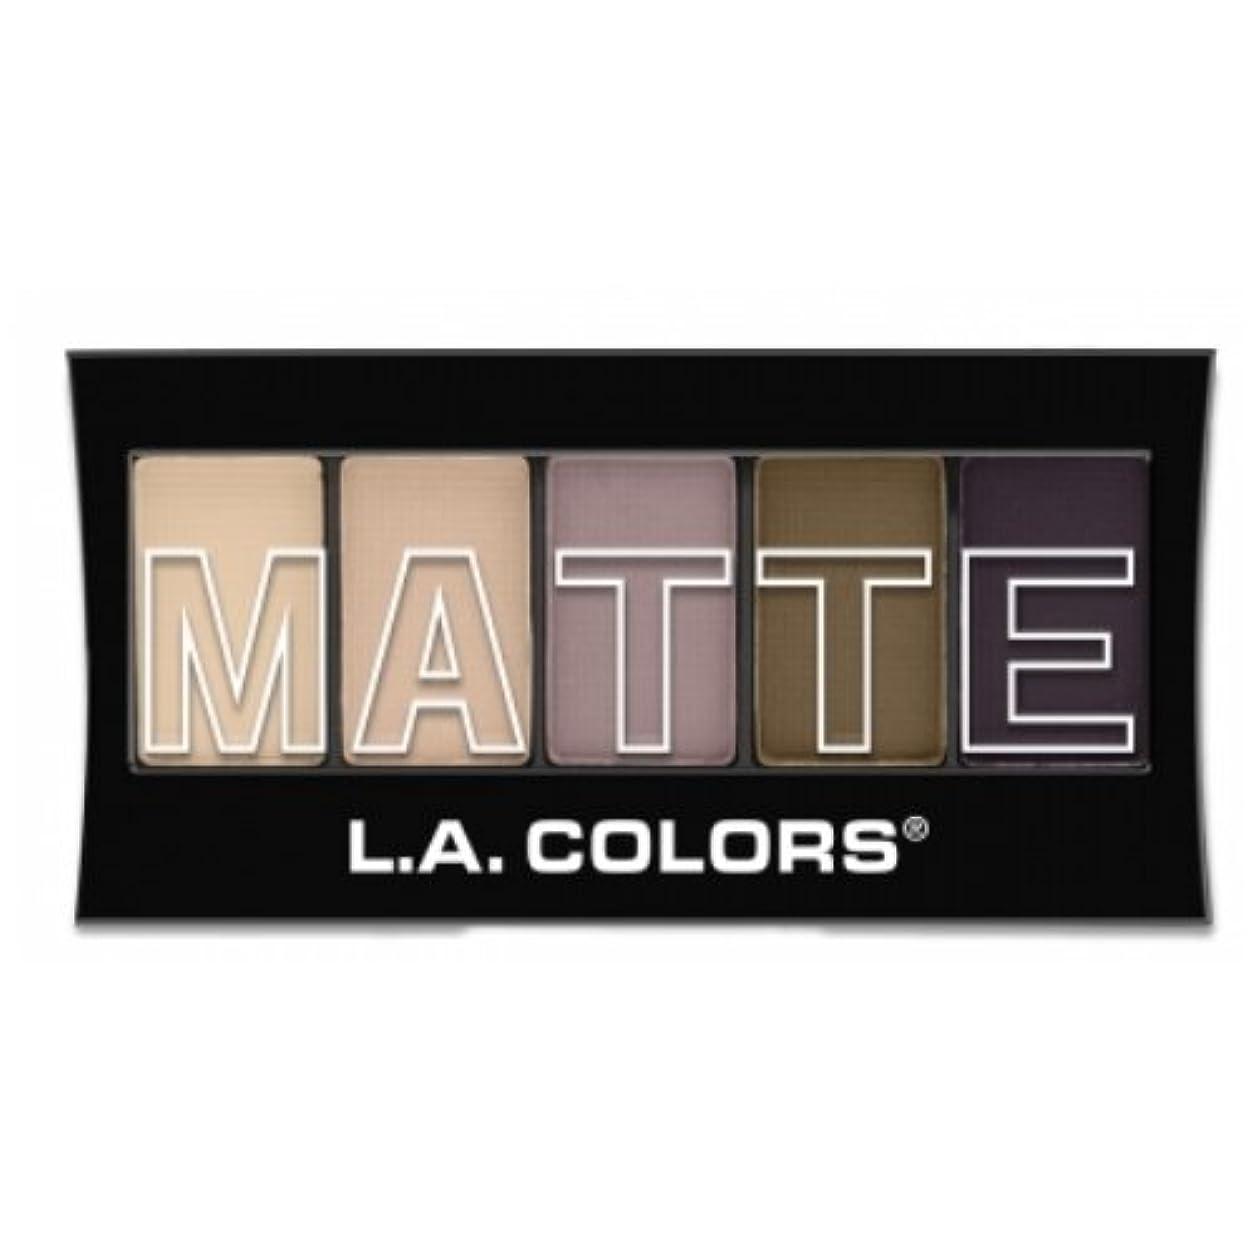 誤解勤勉な間に合わせ(3 Pack) L.A. Colors Matte Eyeshadow - Natural Linen (並行輸入品)